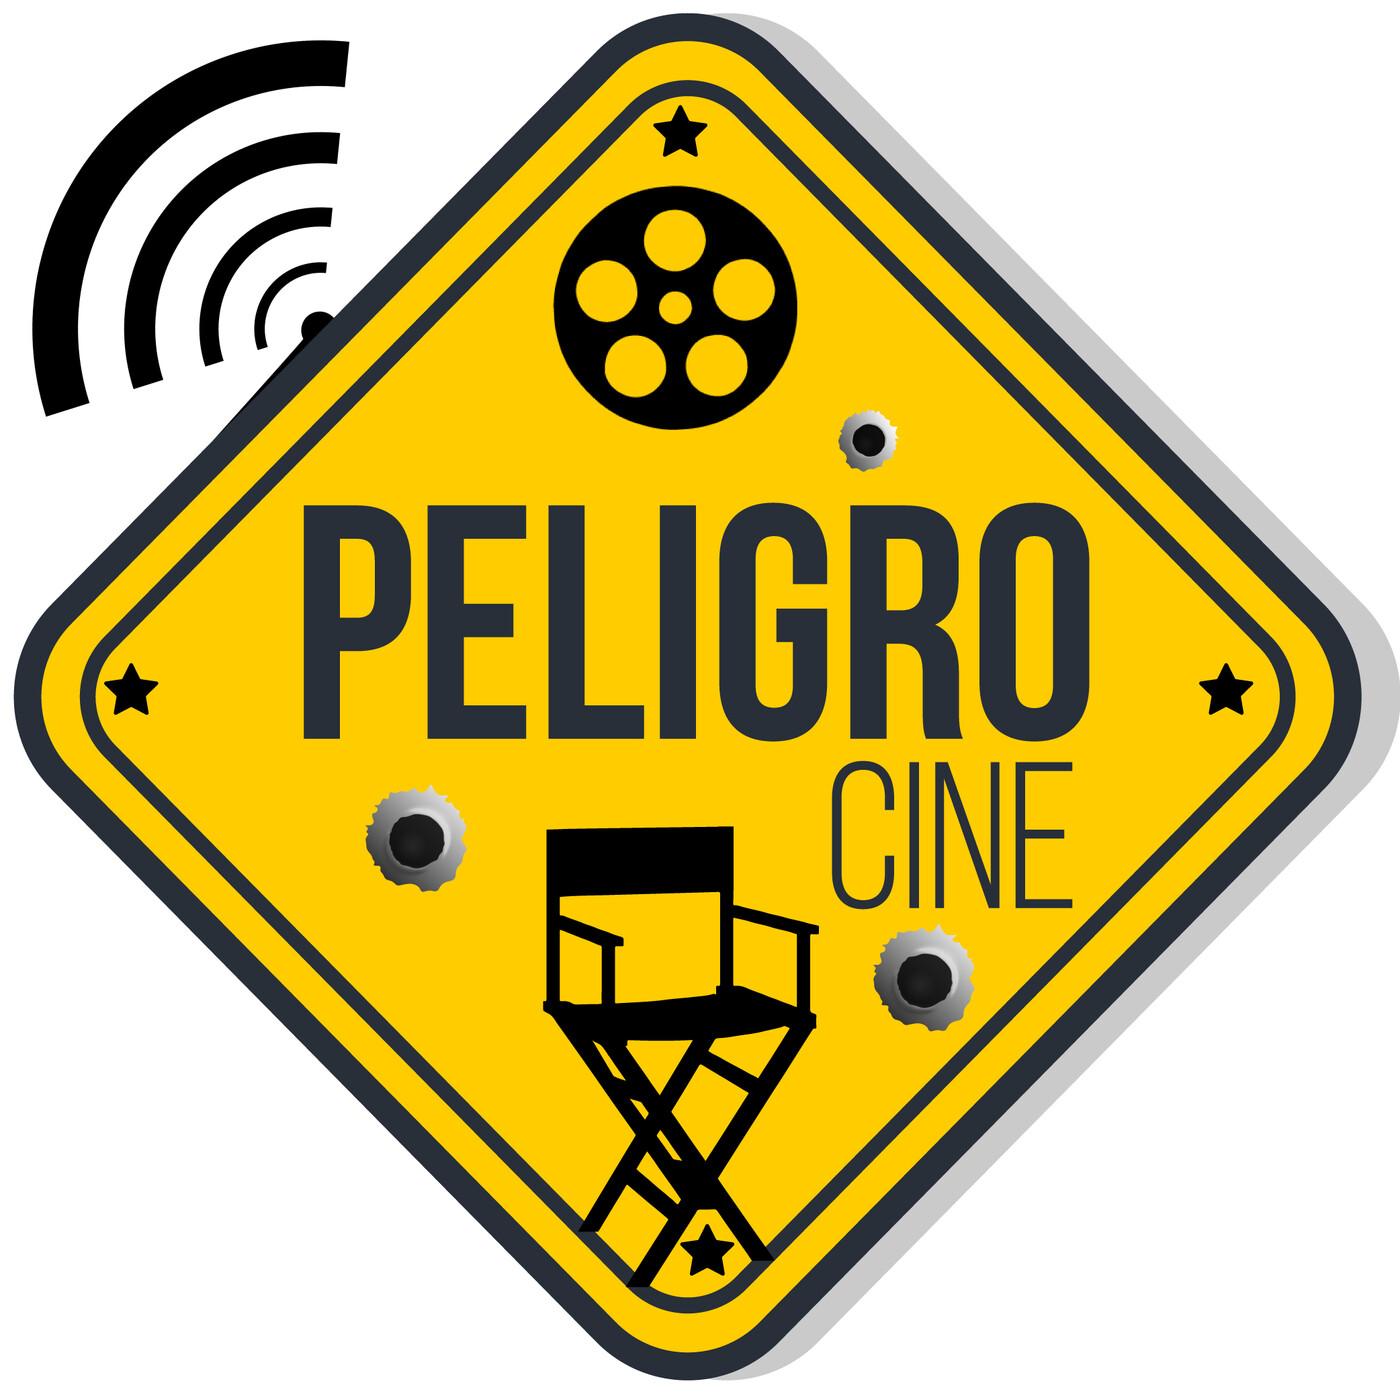 PELIGRO, CINE - 1X06 - Dancer in the Dark - Cine y Enfermedad Mental - Rain Man - Still Alice - The Notebook - Atypical